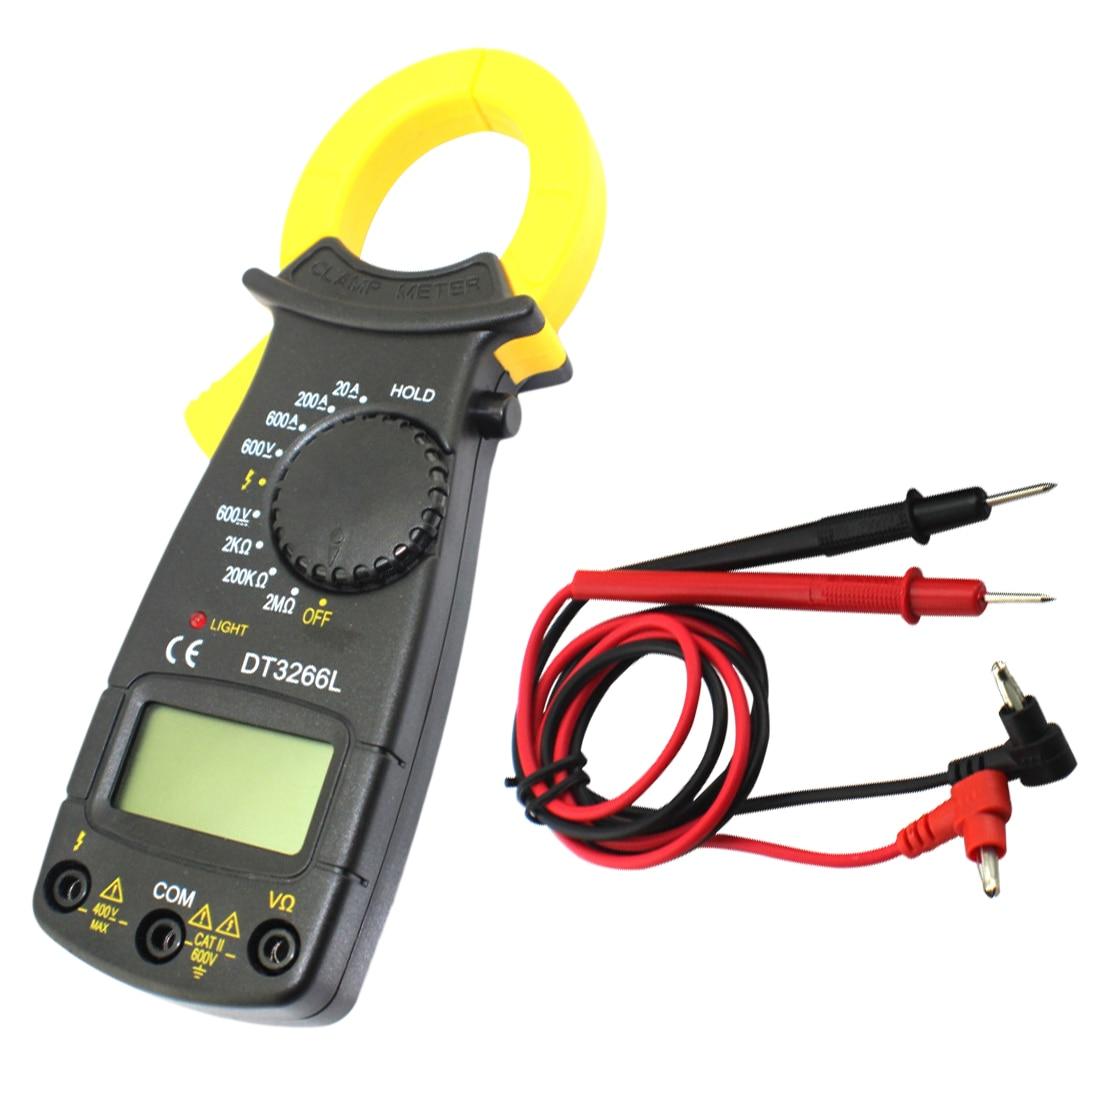 Digitale DT-3266L Strommesszange 600A AC/DC Multimeter Stromzange Pinzetten Voltmeter Strom Spannung Tester